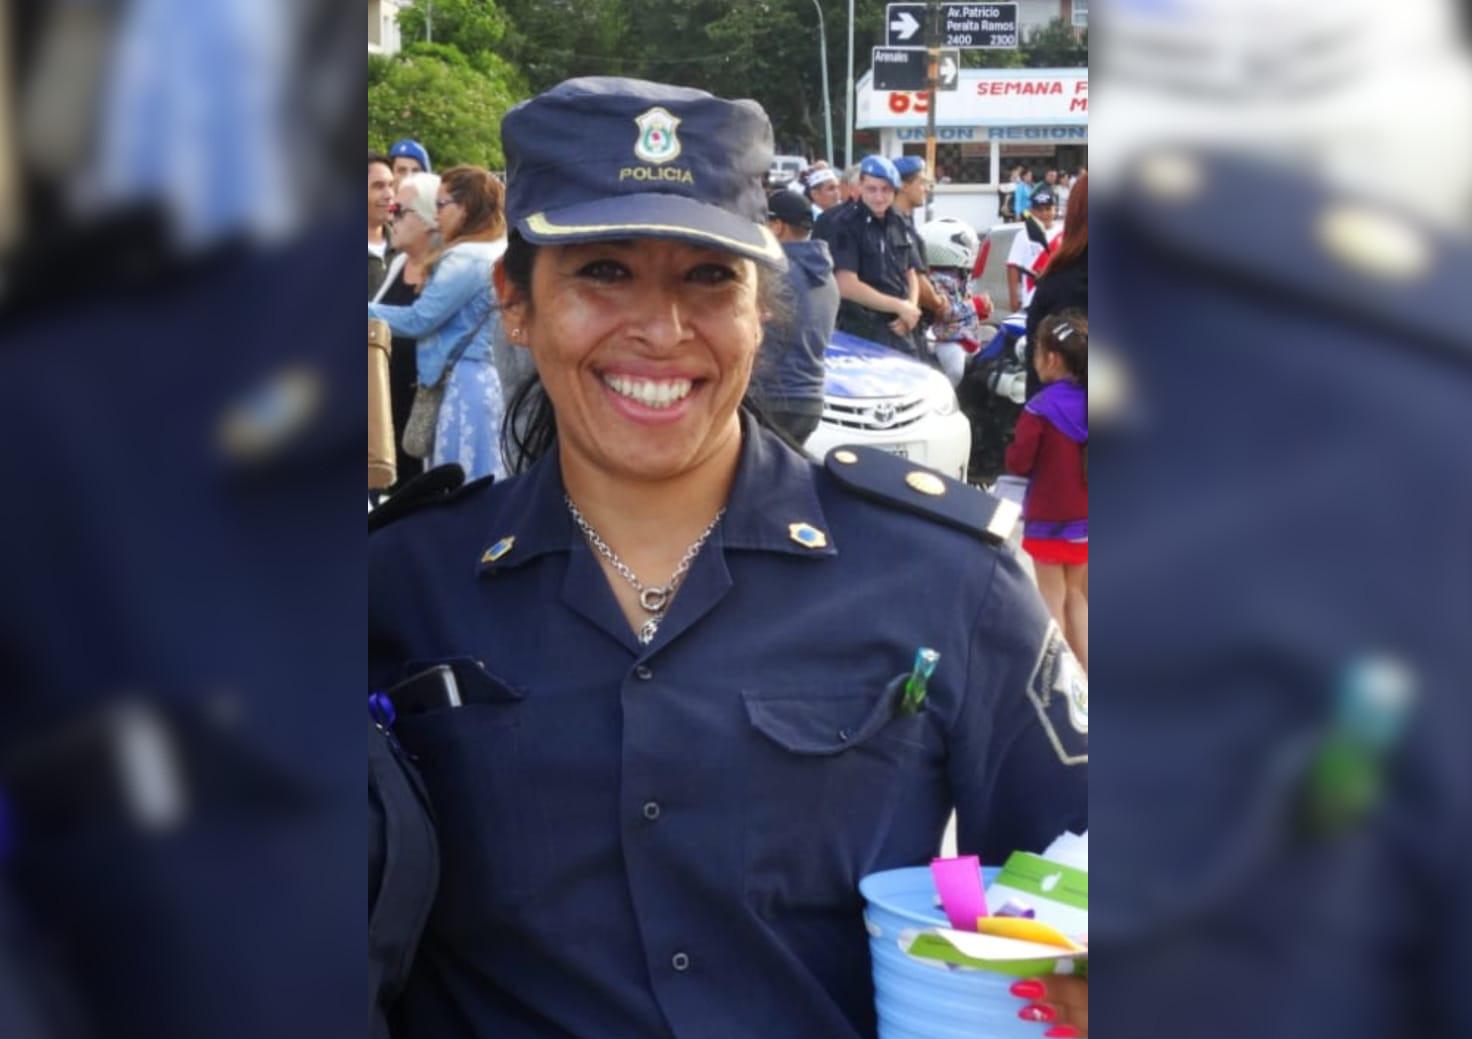 La sub comisario Silvia Vallejos se hizo cargo la Comisaria de la mujer y mantuvo reuniones con algunas instituciones